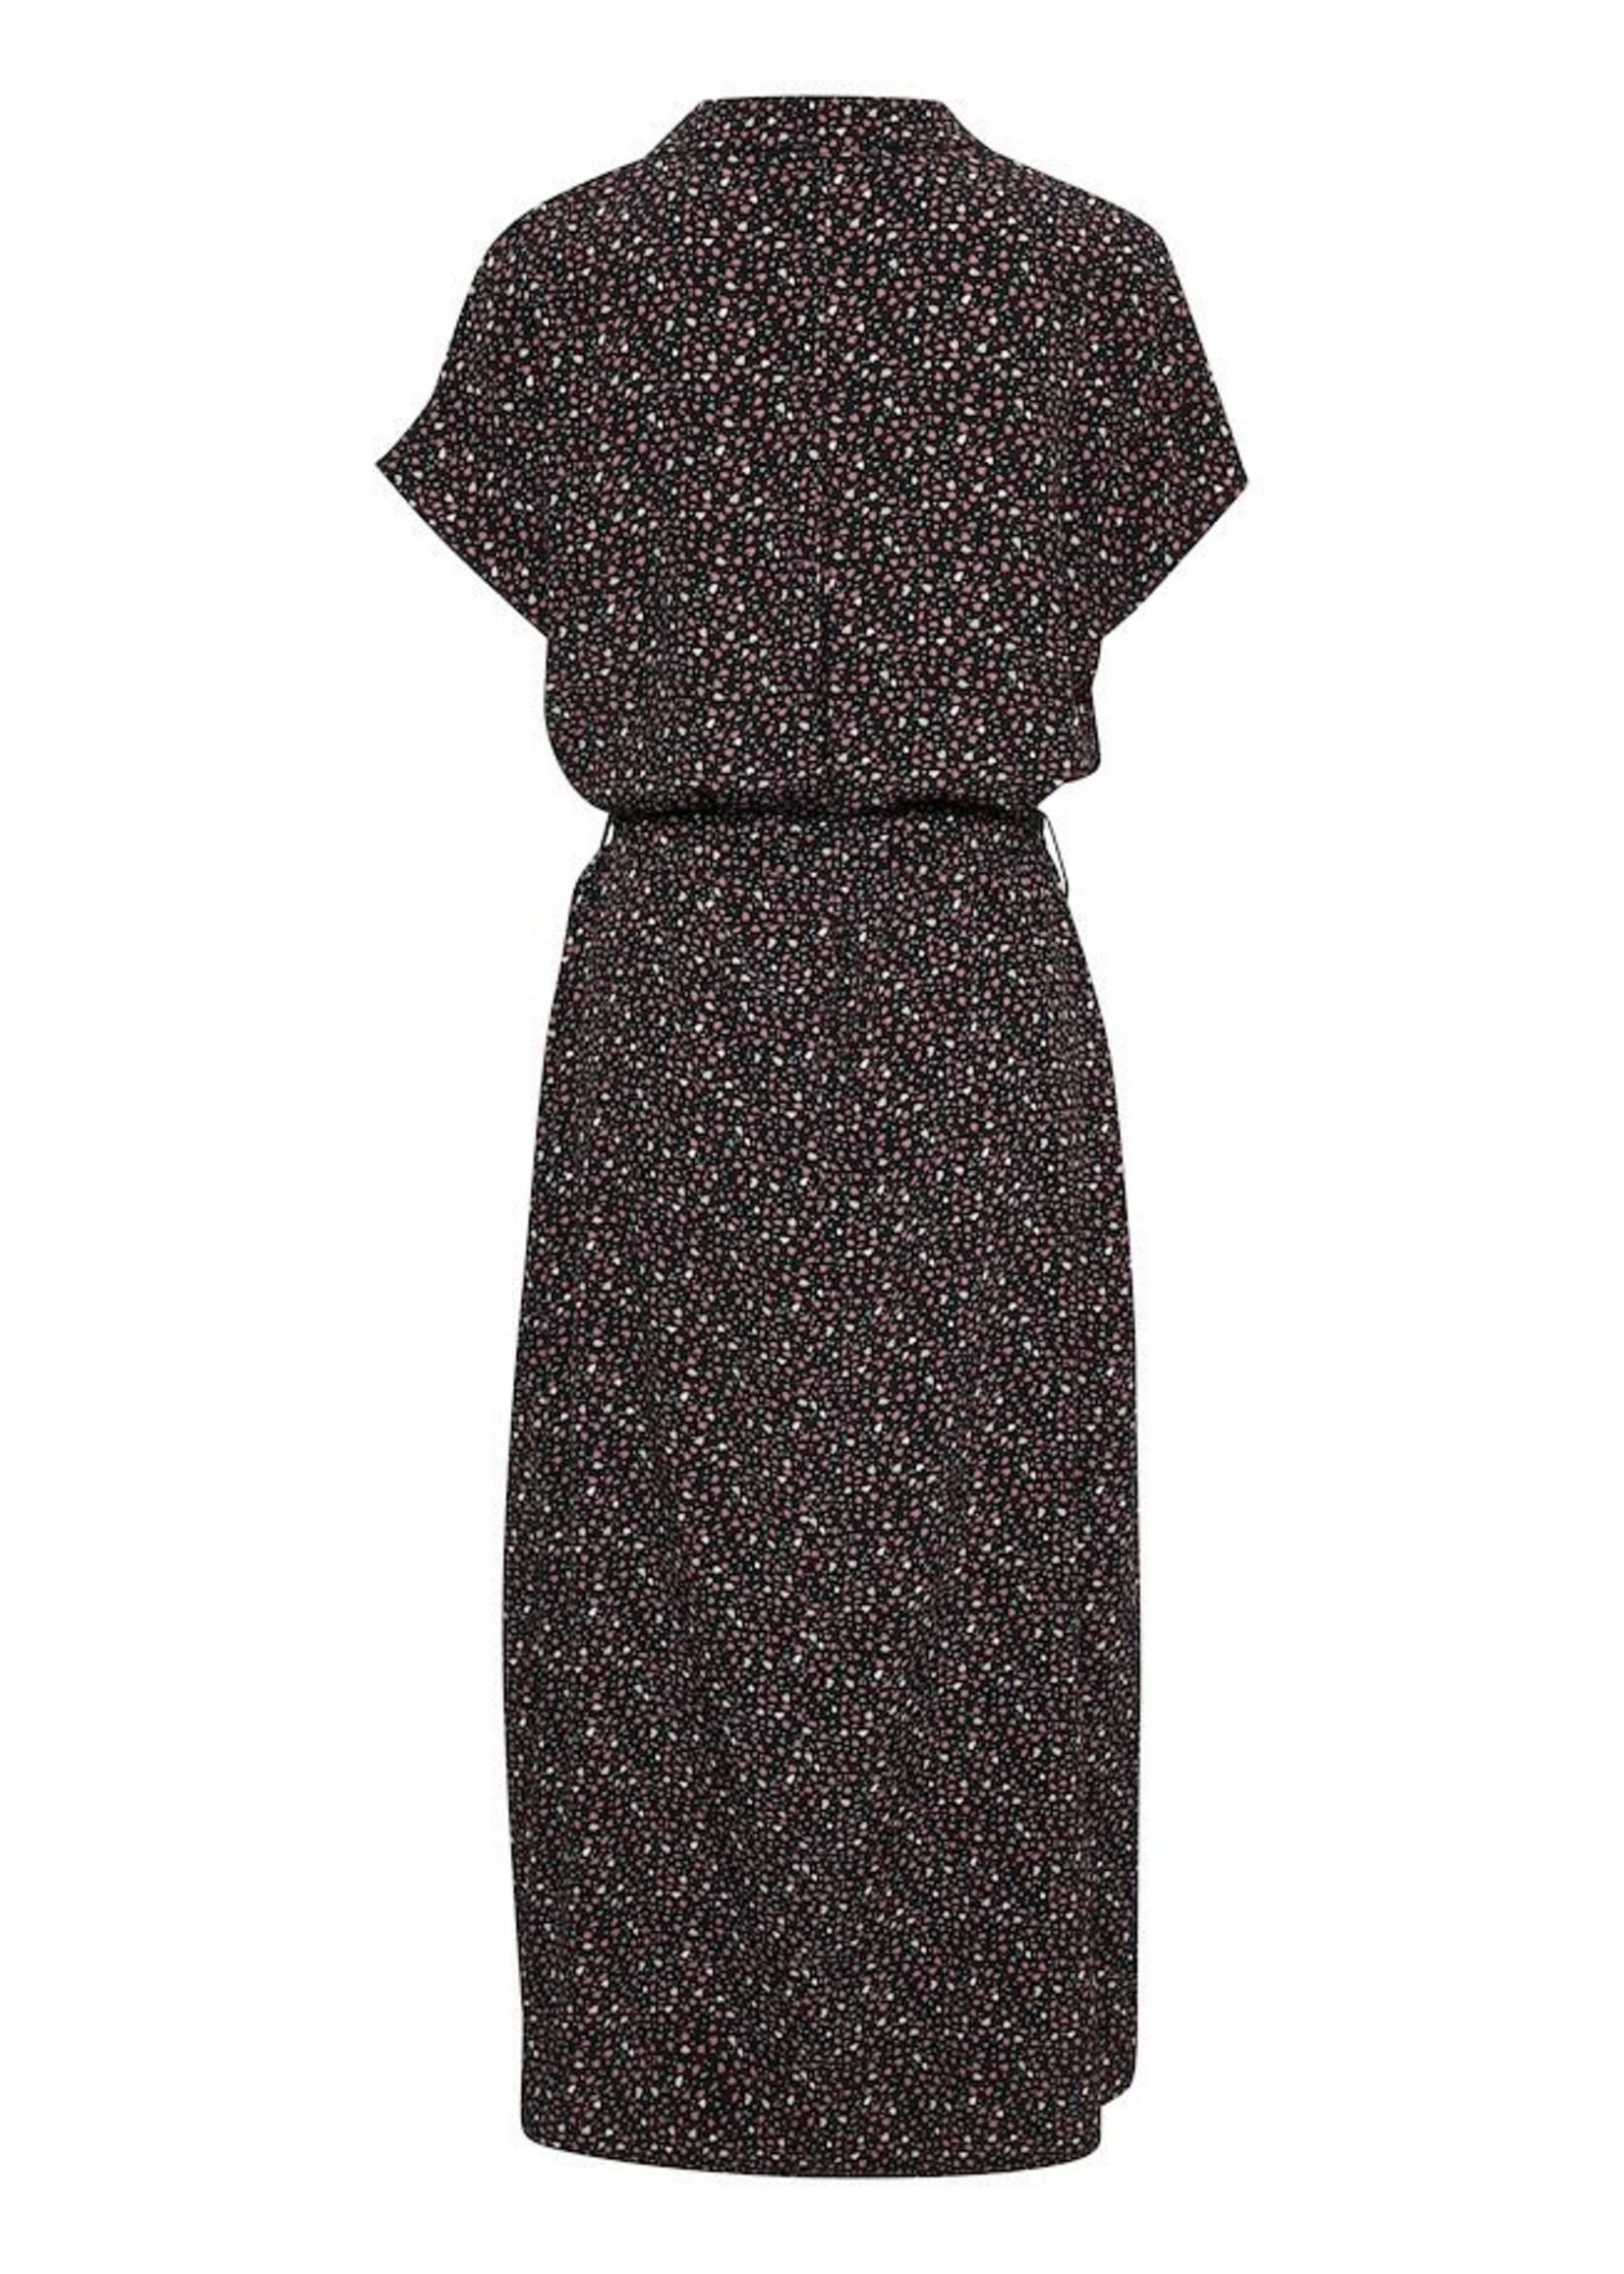 Saint Tropez Dress-light woven BlancaSZ SS Dress Calf Length